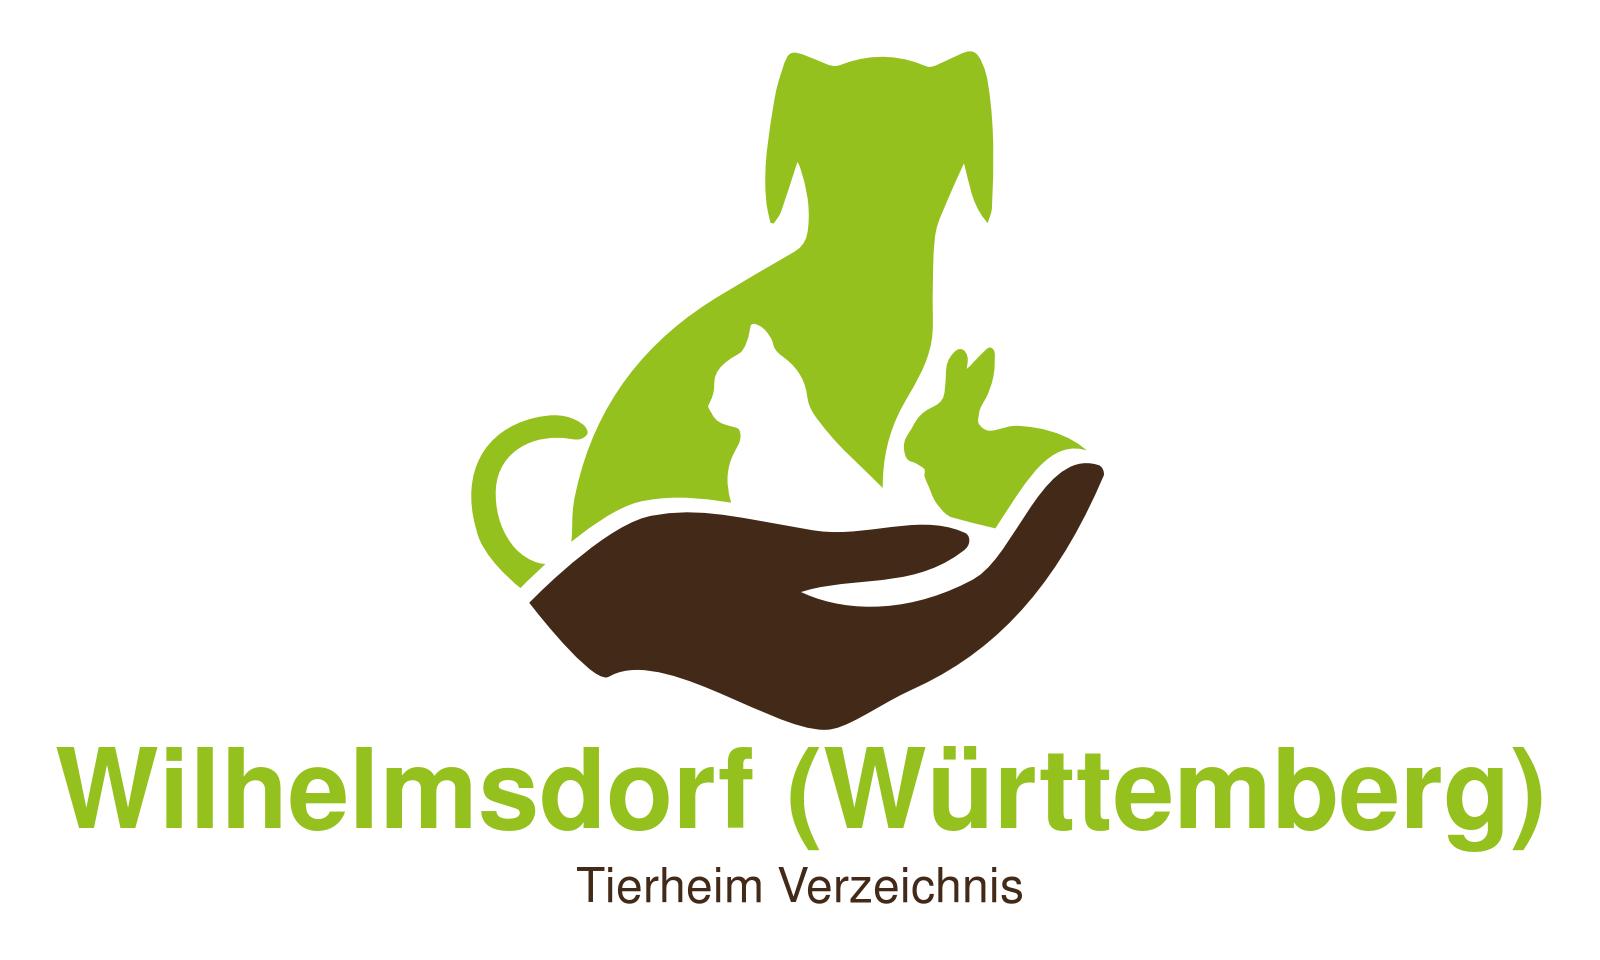 Tierheim Wilhelmsdorf (Württemberg)